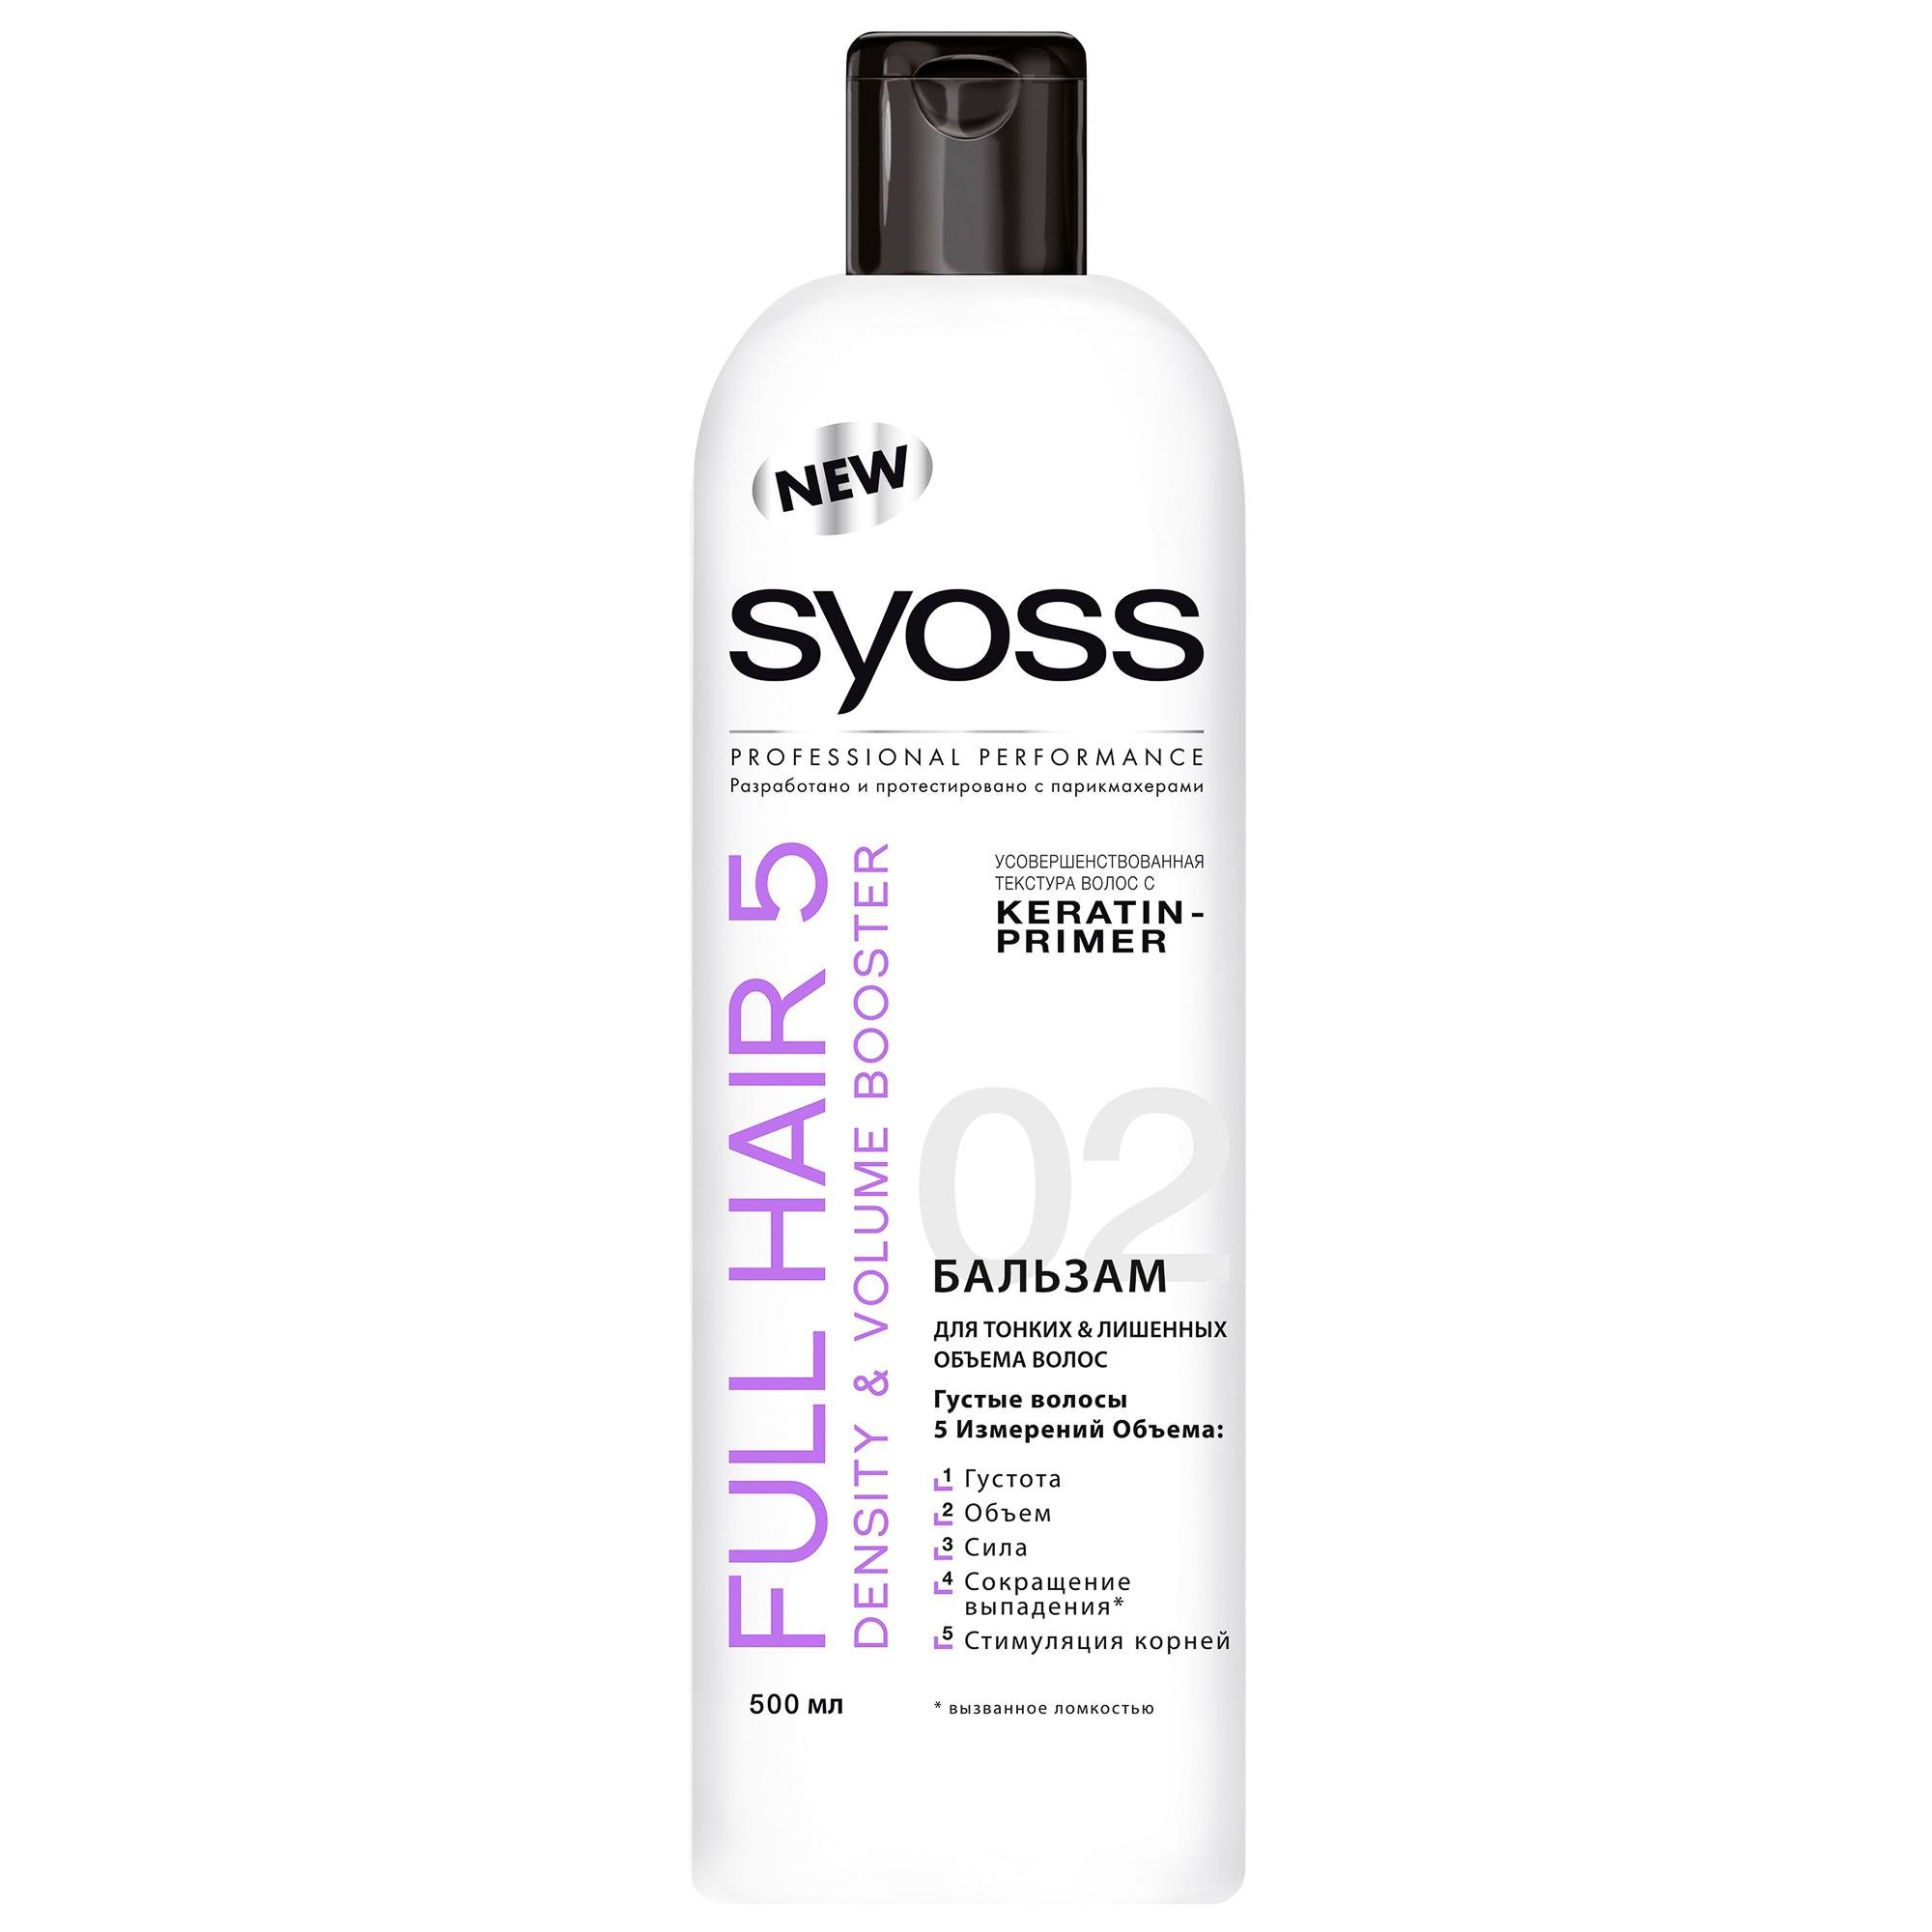 Фото - Бальзам SYOSS Full Hair 5D для тонких и лишенных объема волос 500 мл бальзам syoss anti hair fall fiber resist 95 для склонных к выпадению волос 500 мл